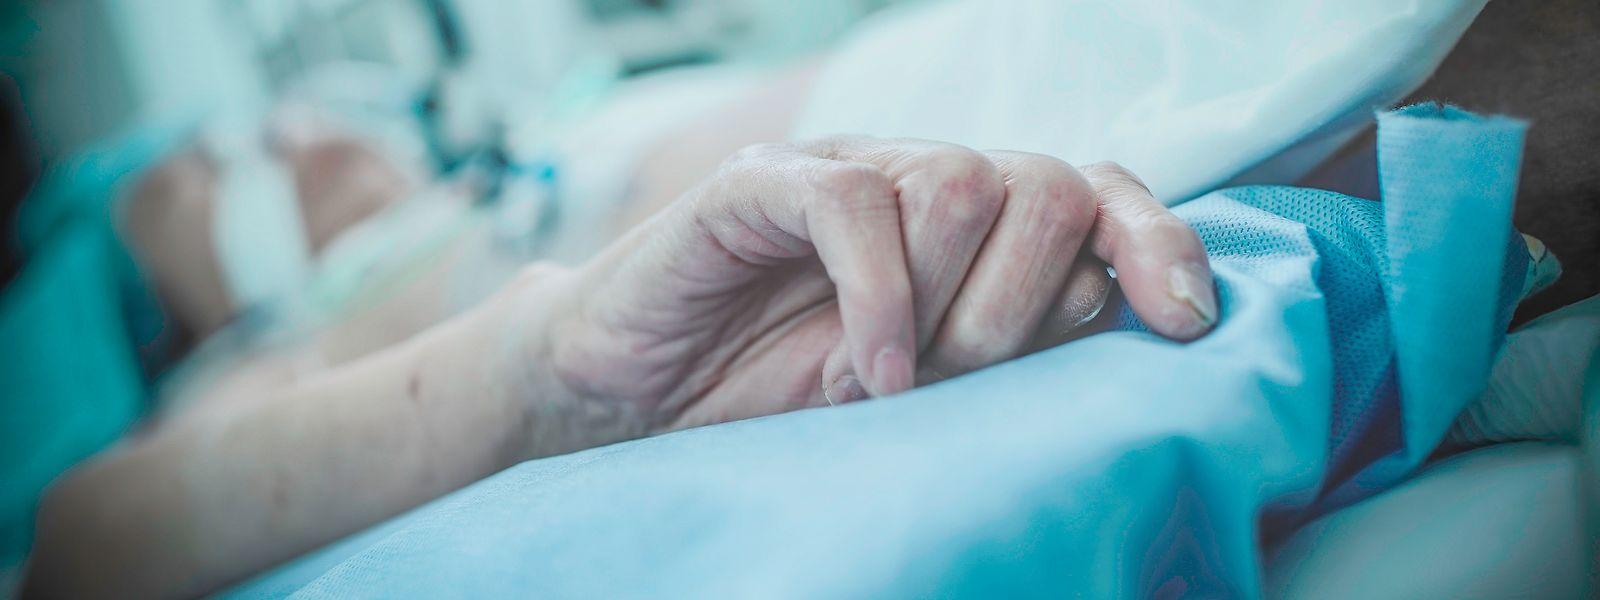 In den Jahren 2019 bis 2020 hat die nationale Aufsichts- und Bewertungskommission 41 Fälle von Euthanasie registriert.